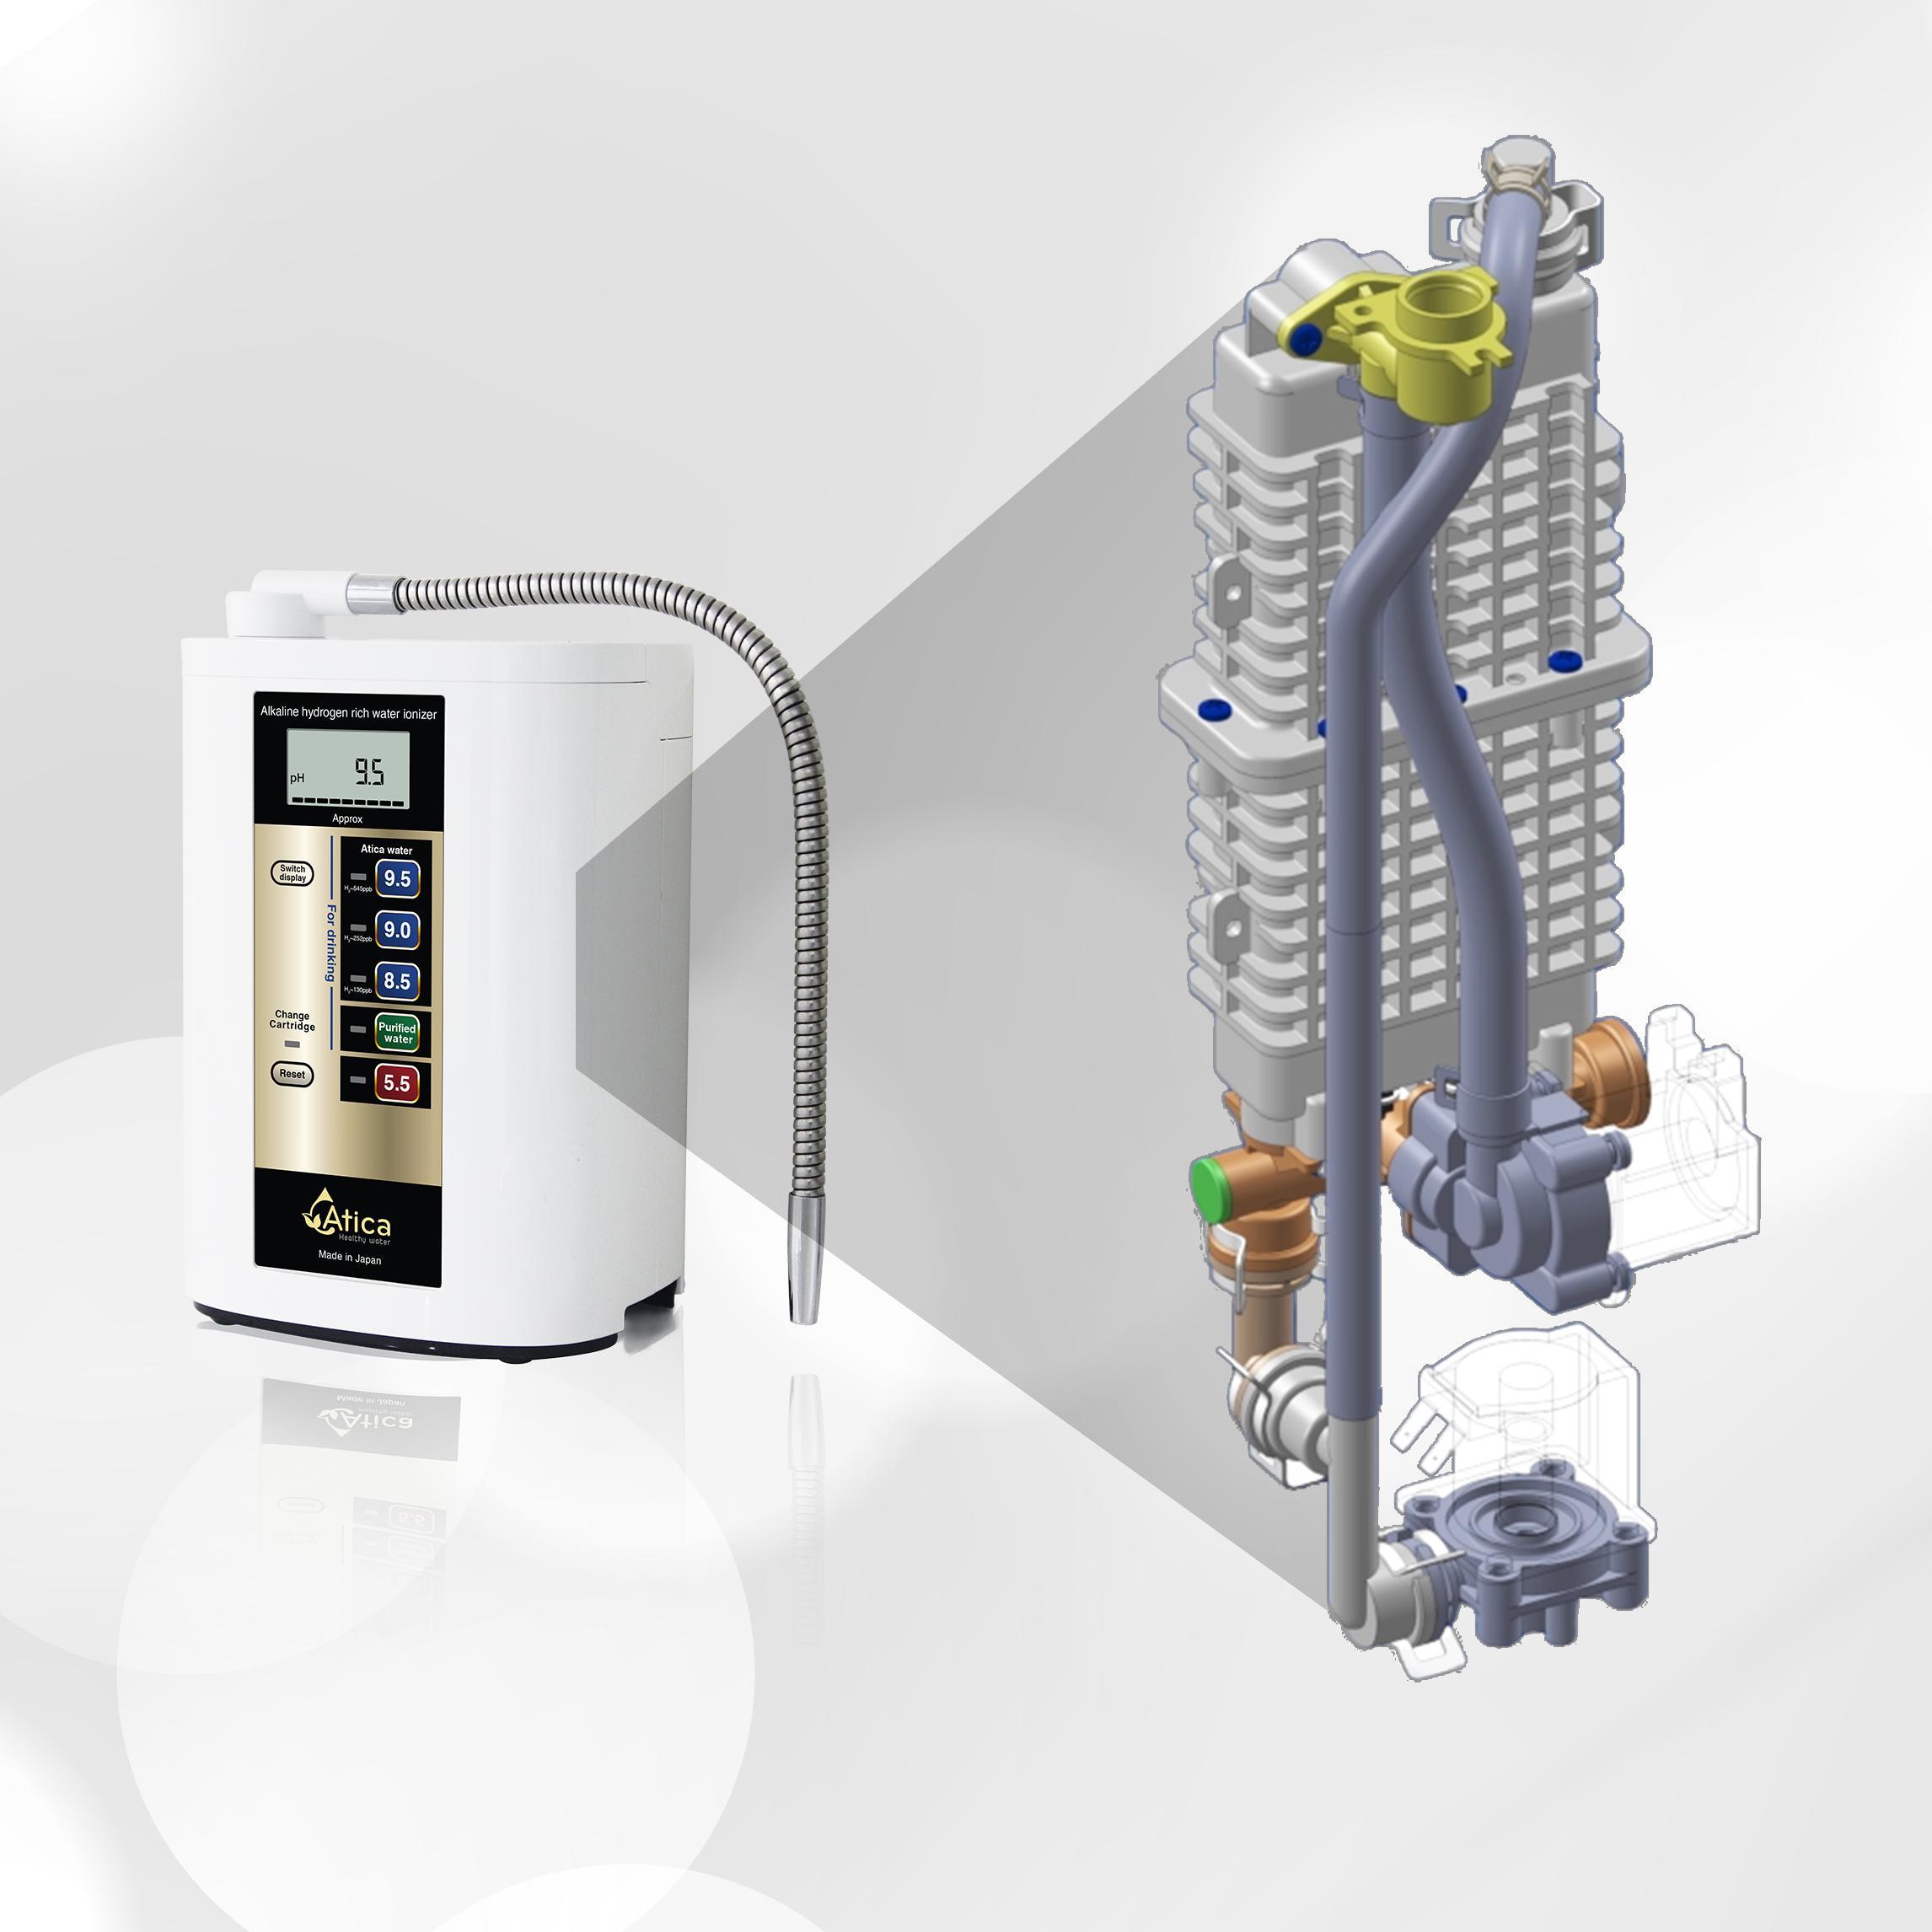 máy lọc nước Atica, Hướng dẫn từ A-Z cách chọn mua máy lọc nước Atica chính hãng, Nhà phân phối máy lọc nước ion kiềm số 1 Việt Nam | Vitamia